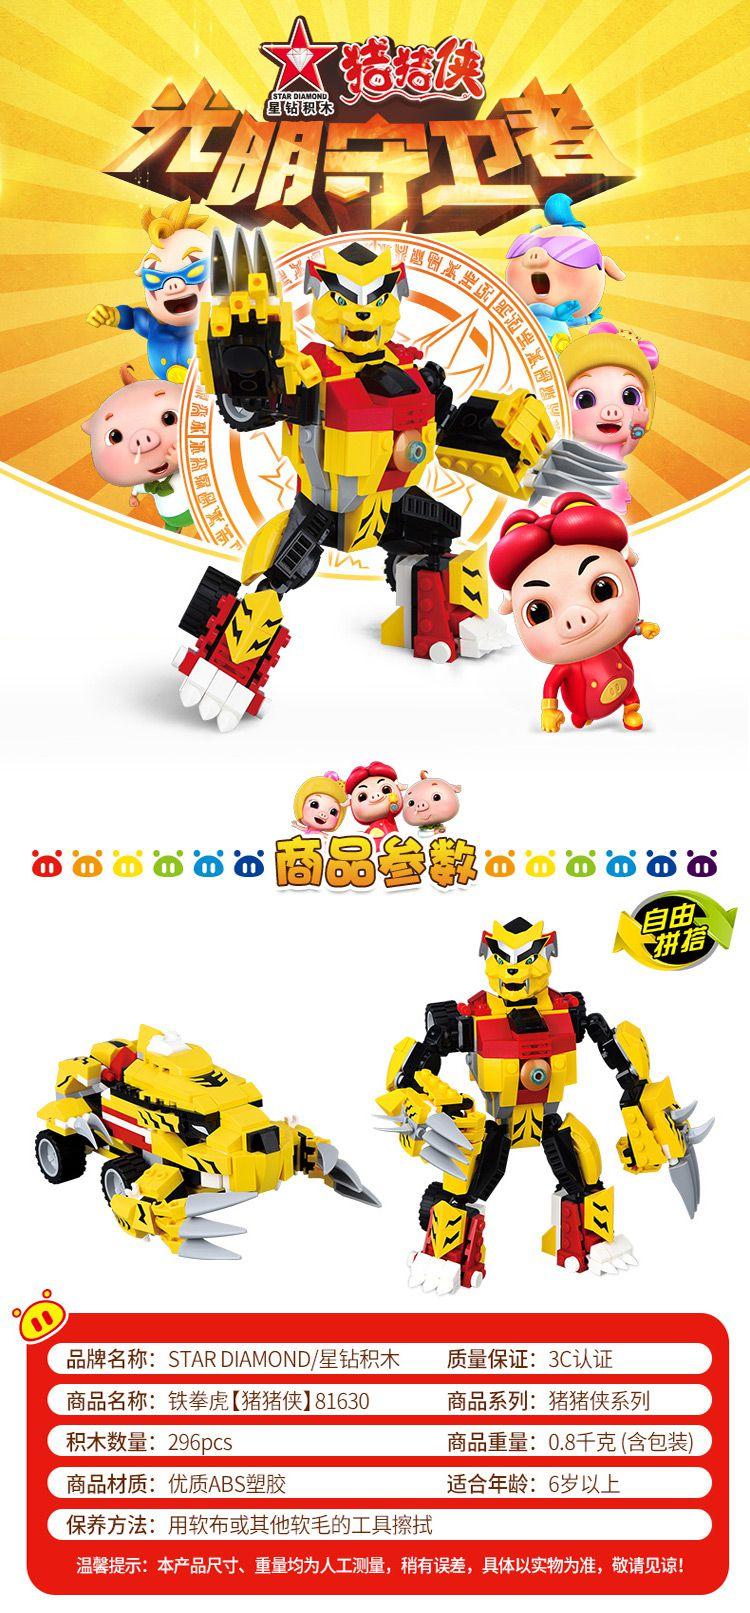 【猪猪侠主题礼盒装】 一套玩具两种玩法 铁拳虎